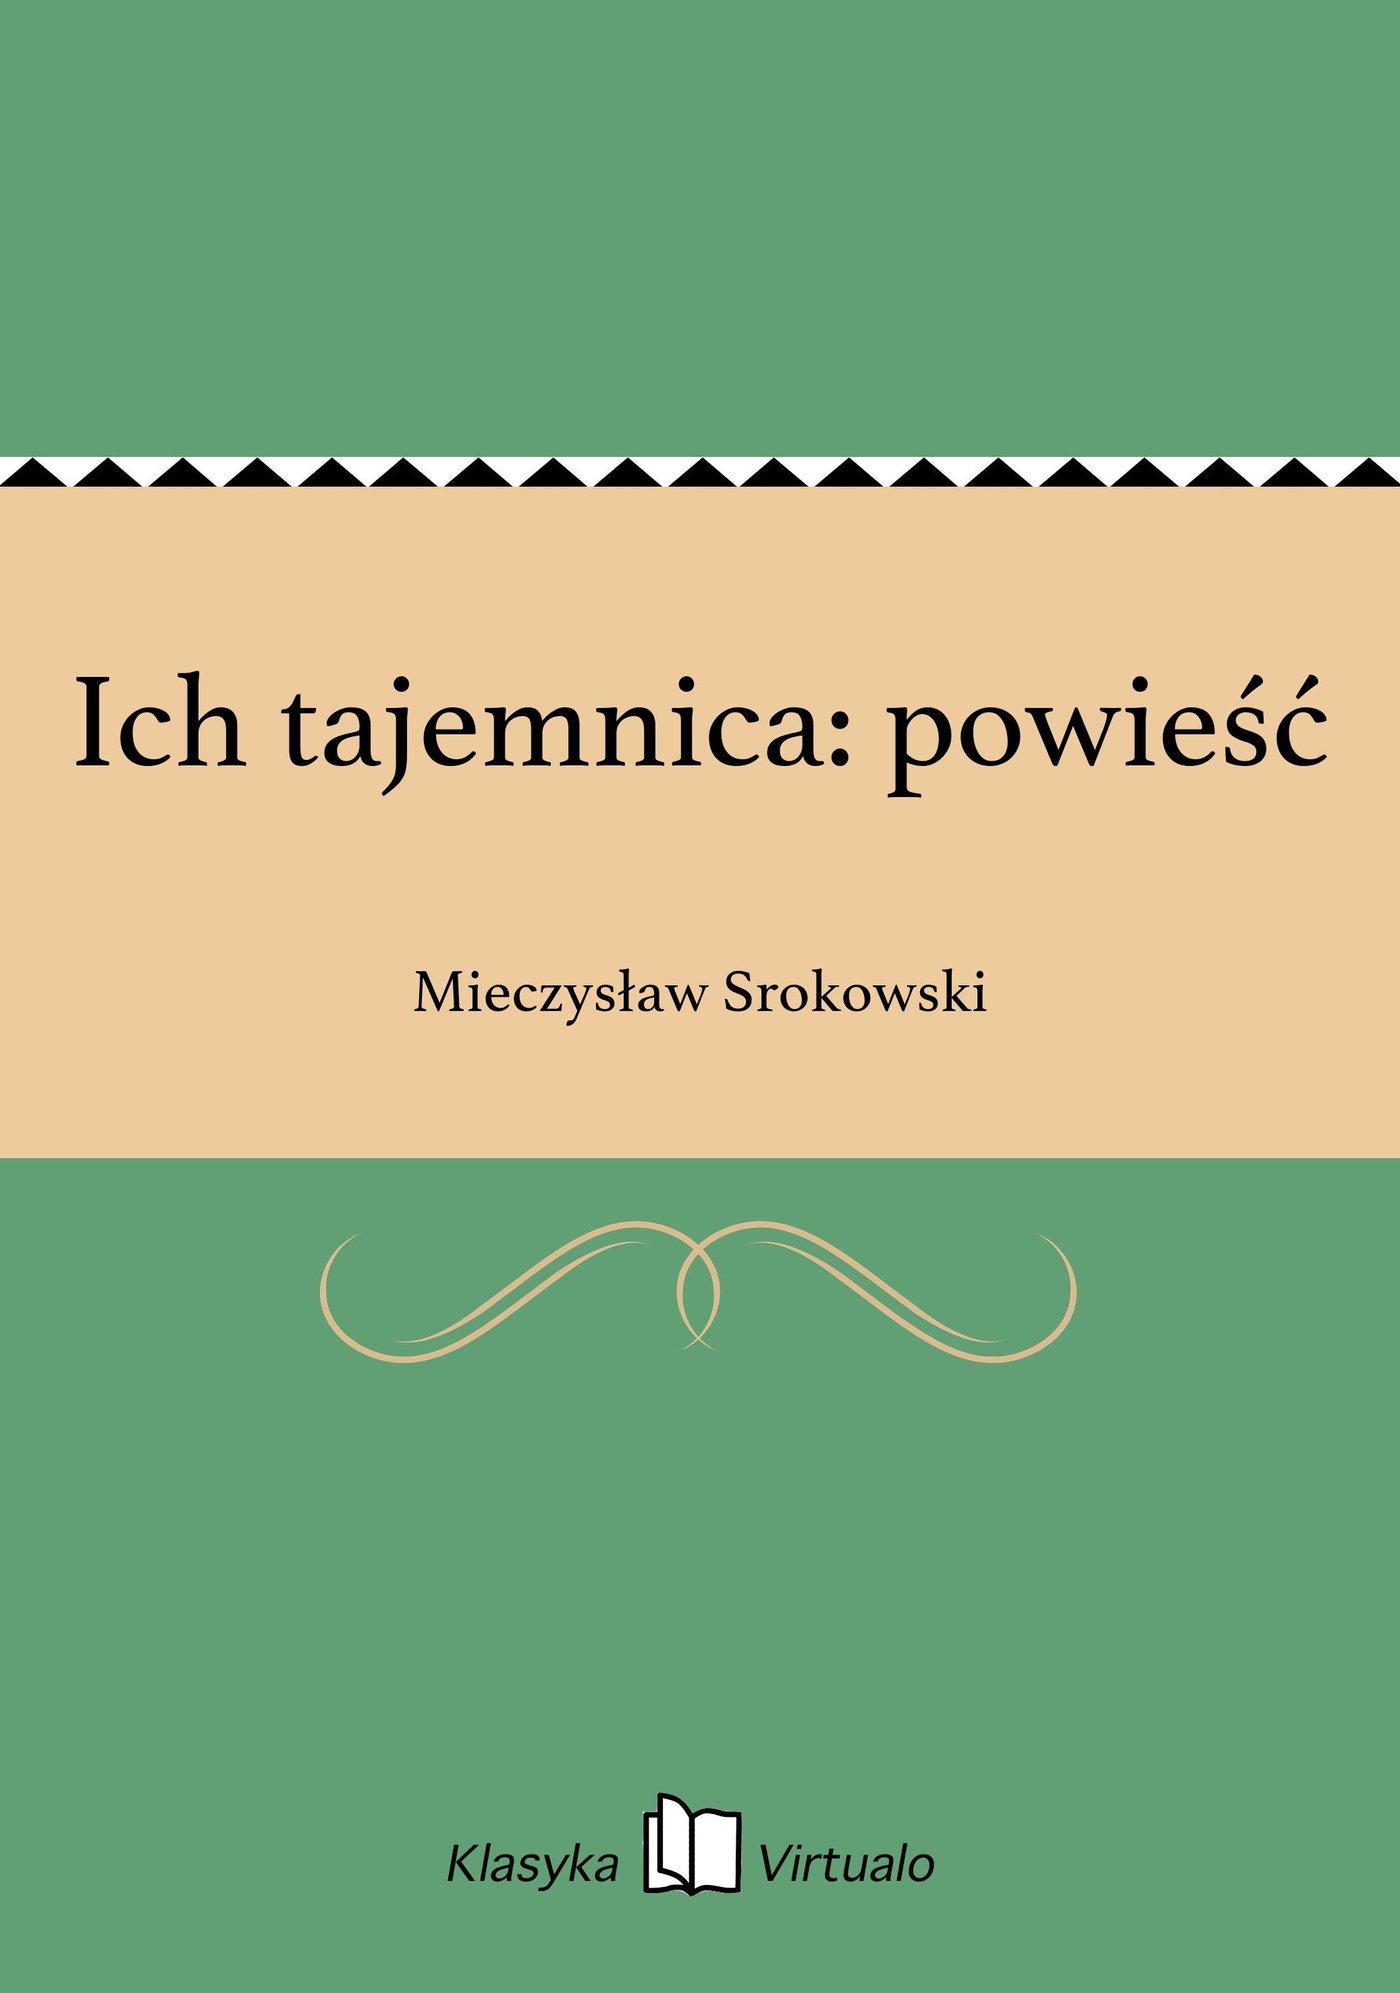 Ich tajemnica: powieść - Ebook (Książka EPUB) do pobrania w formacie EPUB